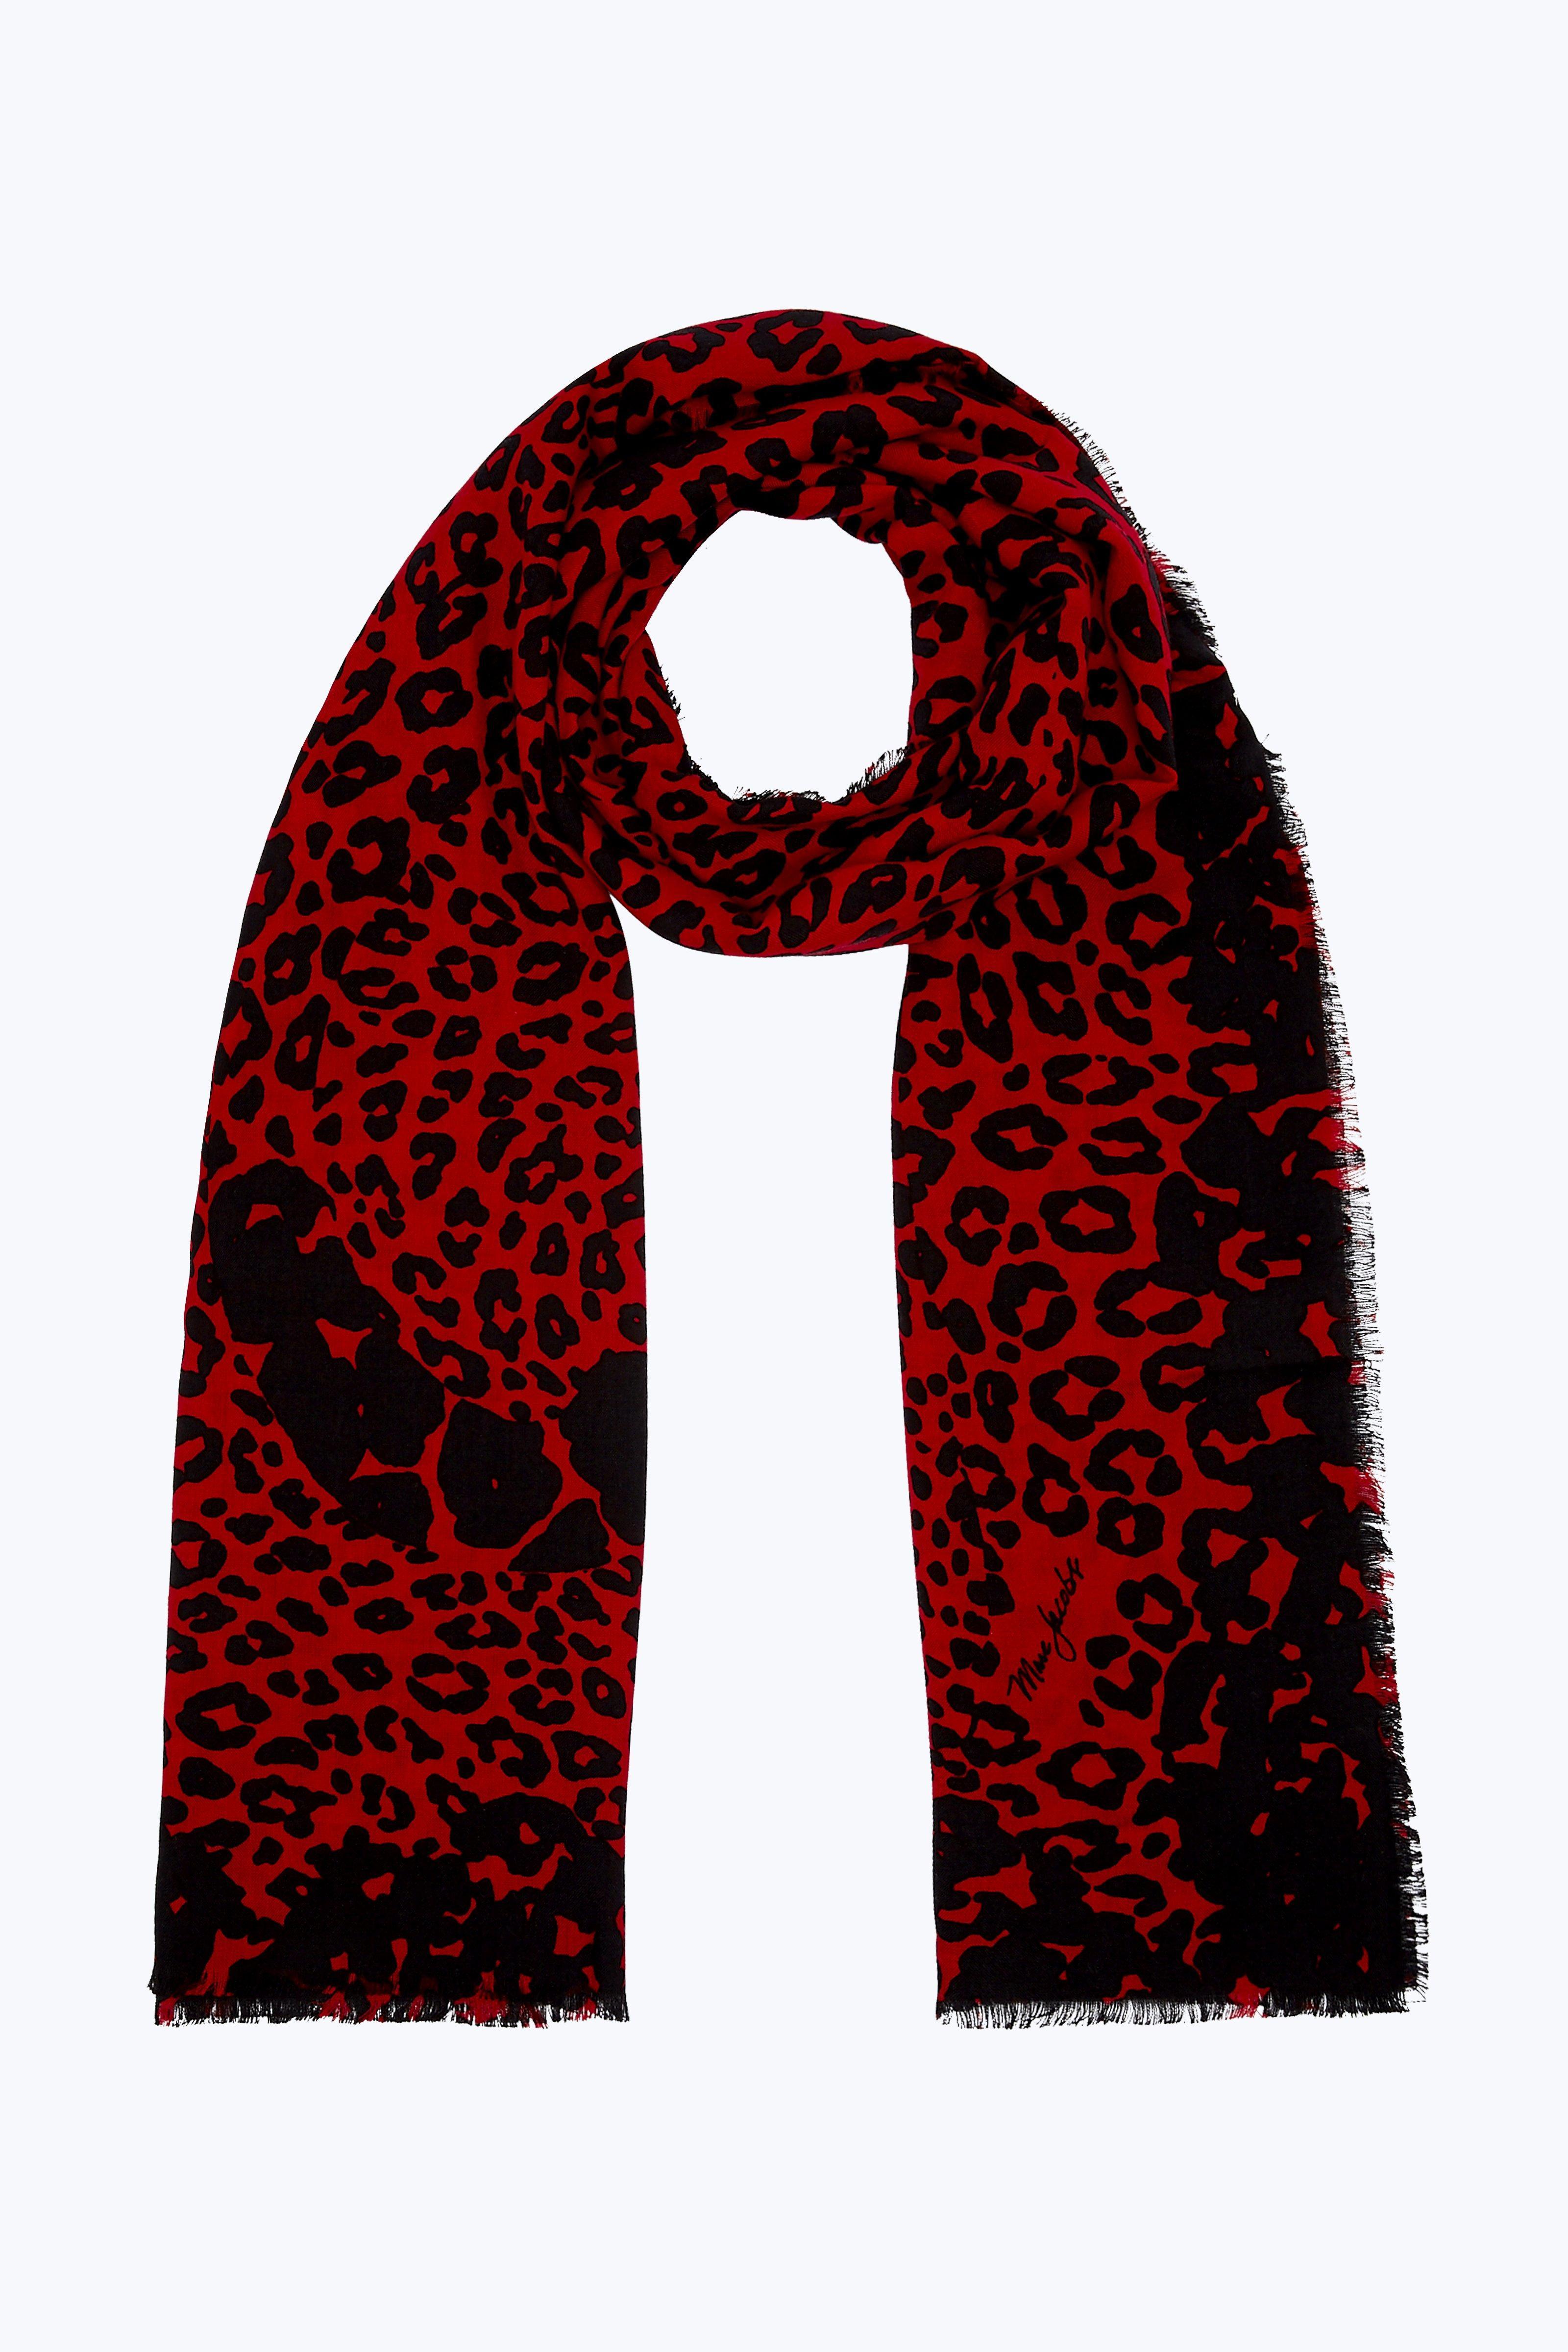 Marc Jacobs Accessories Leopard Stole